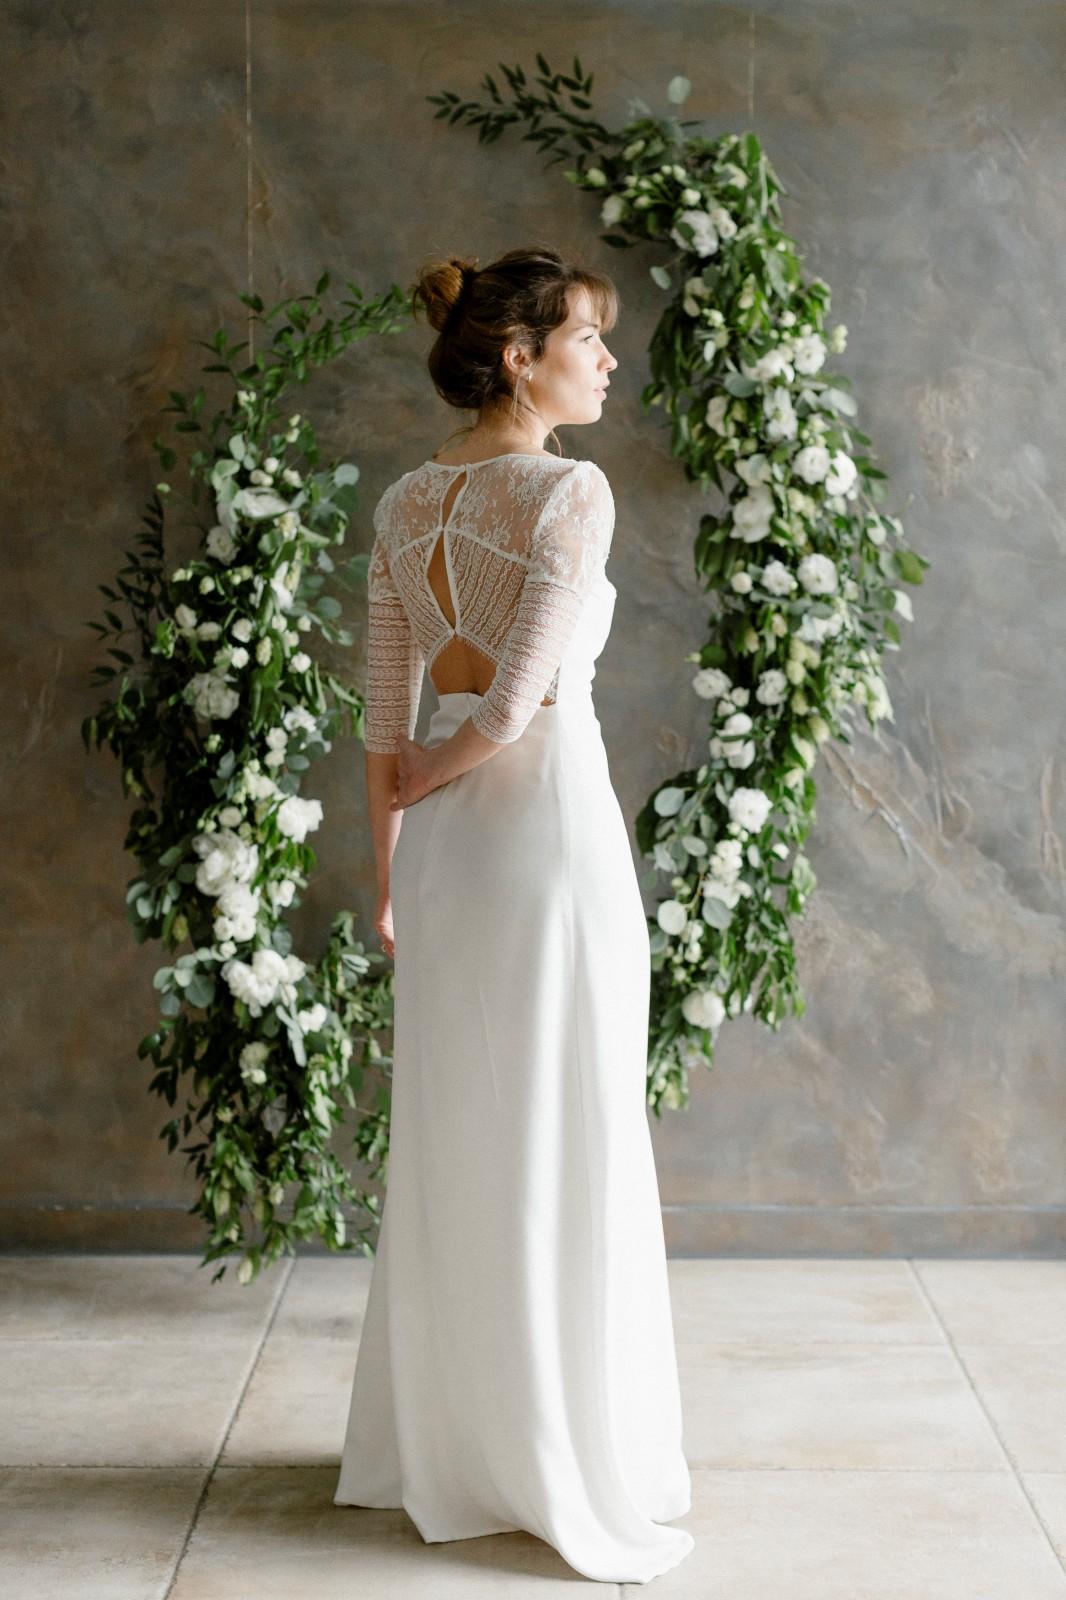 Voici une robe de mariée biodégradable en tencel.